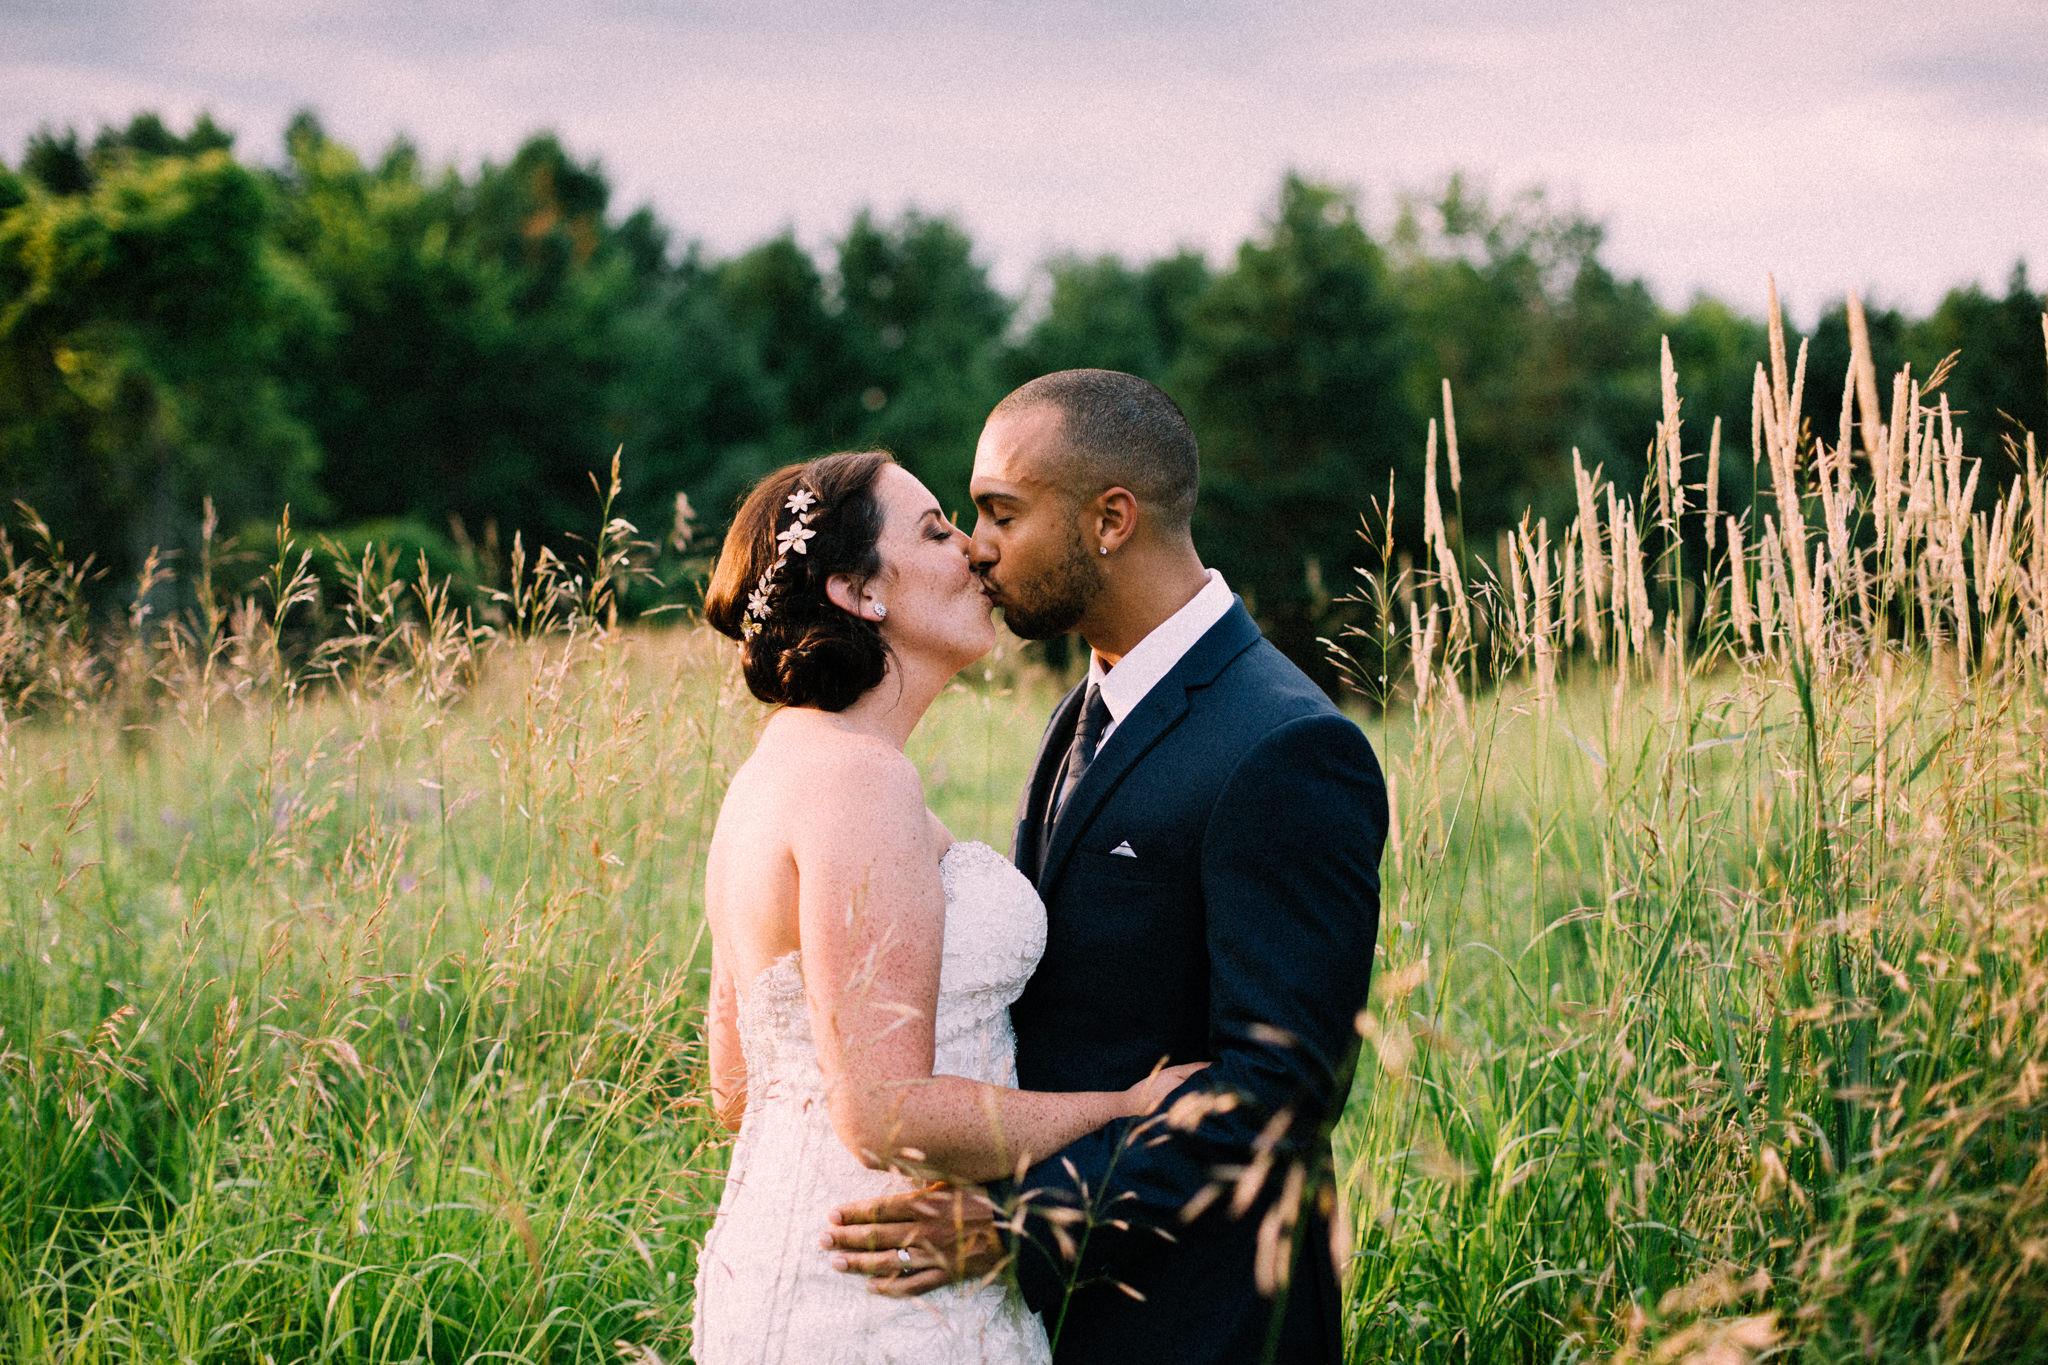 Orillia summer wedding at Northbrook Farms by Max Wong Photo (33)